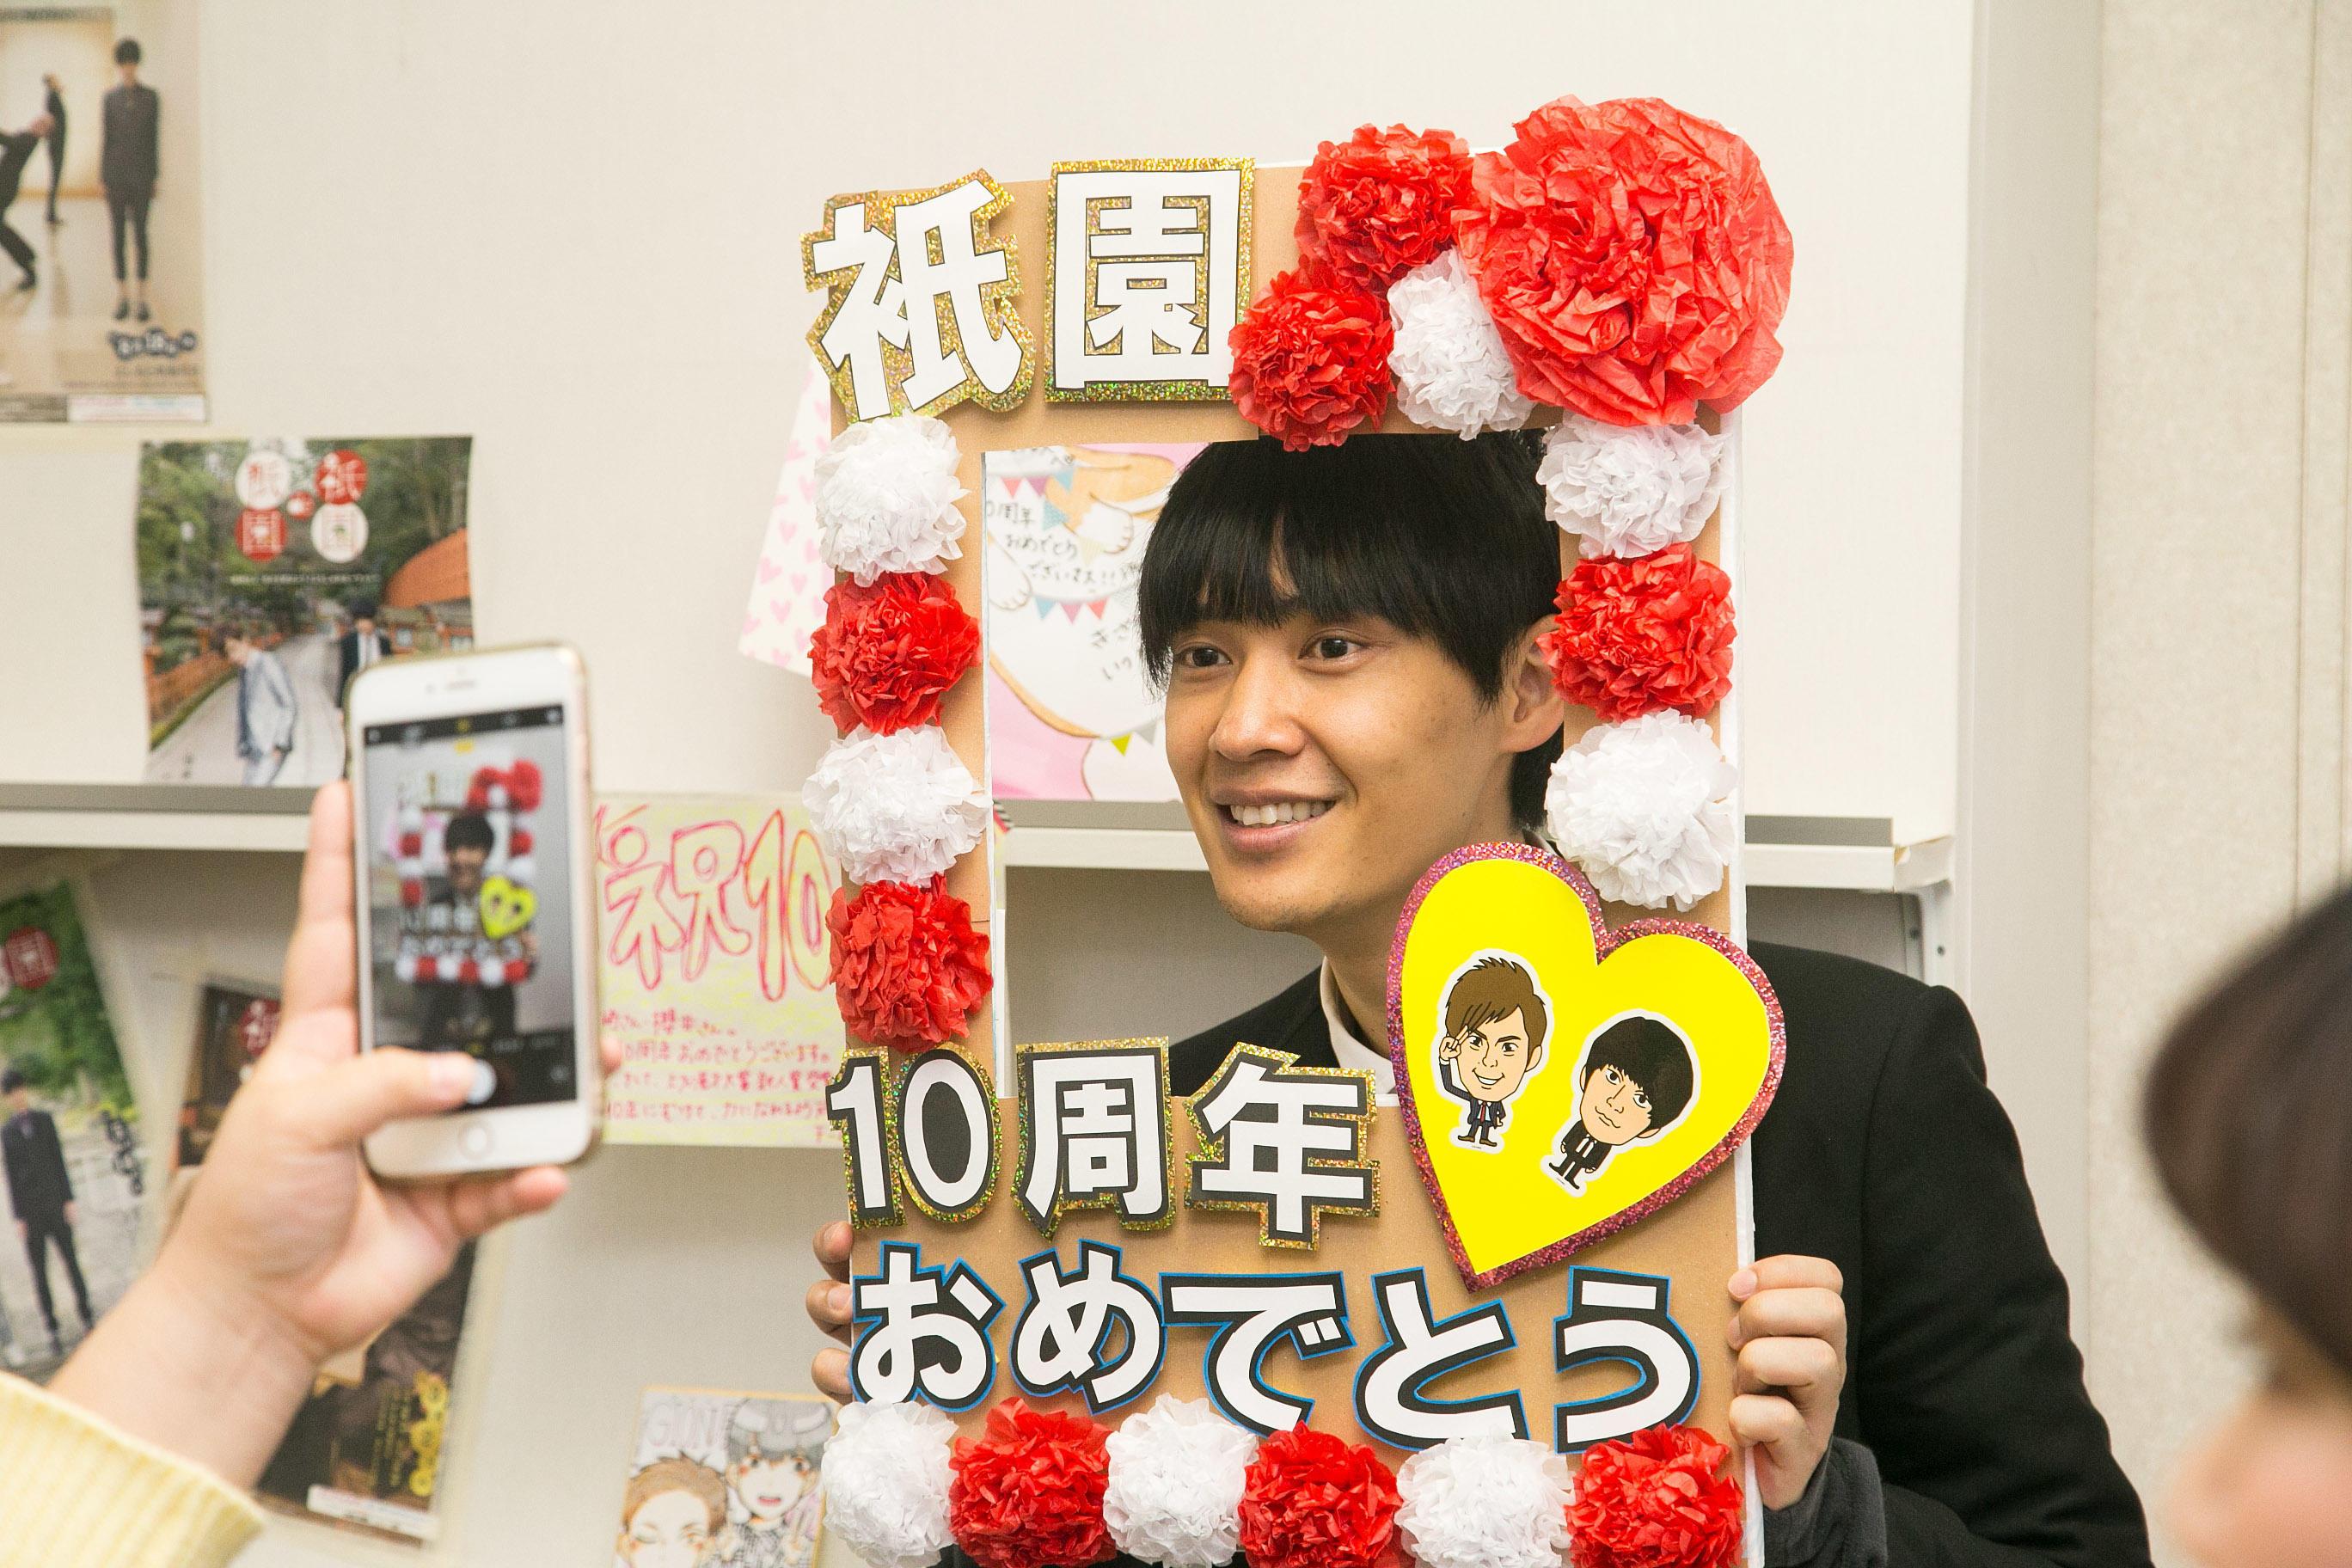 http://news.yoshimoto.co.jp/20180413210605-91c21af45334da8b9f368d7ed13bc5c2728b80cd.jpg